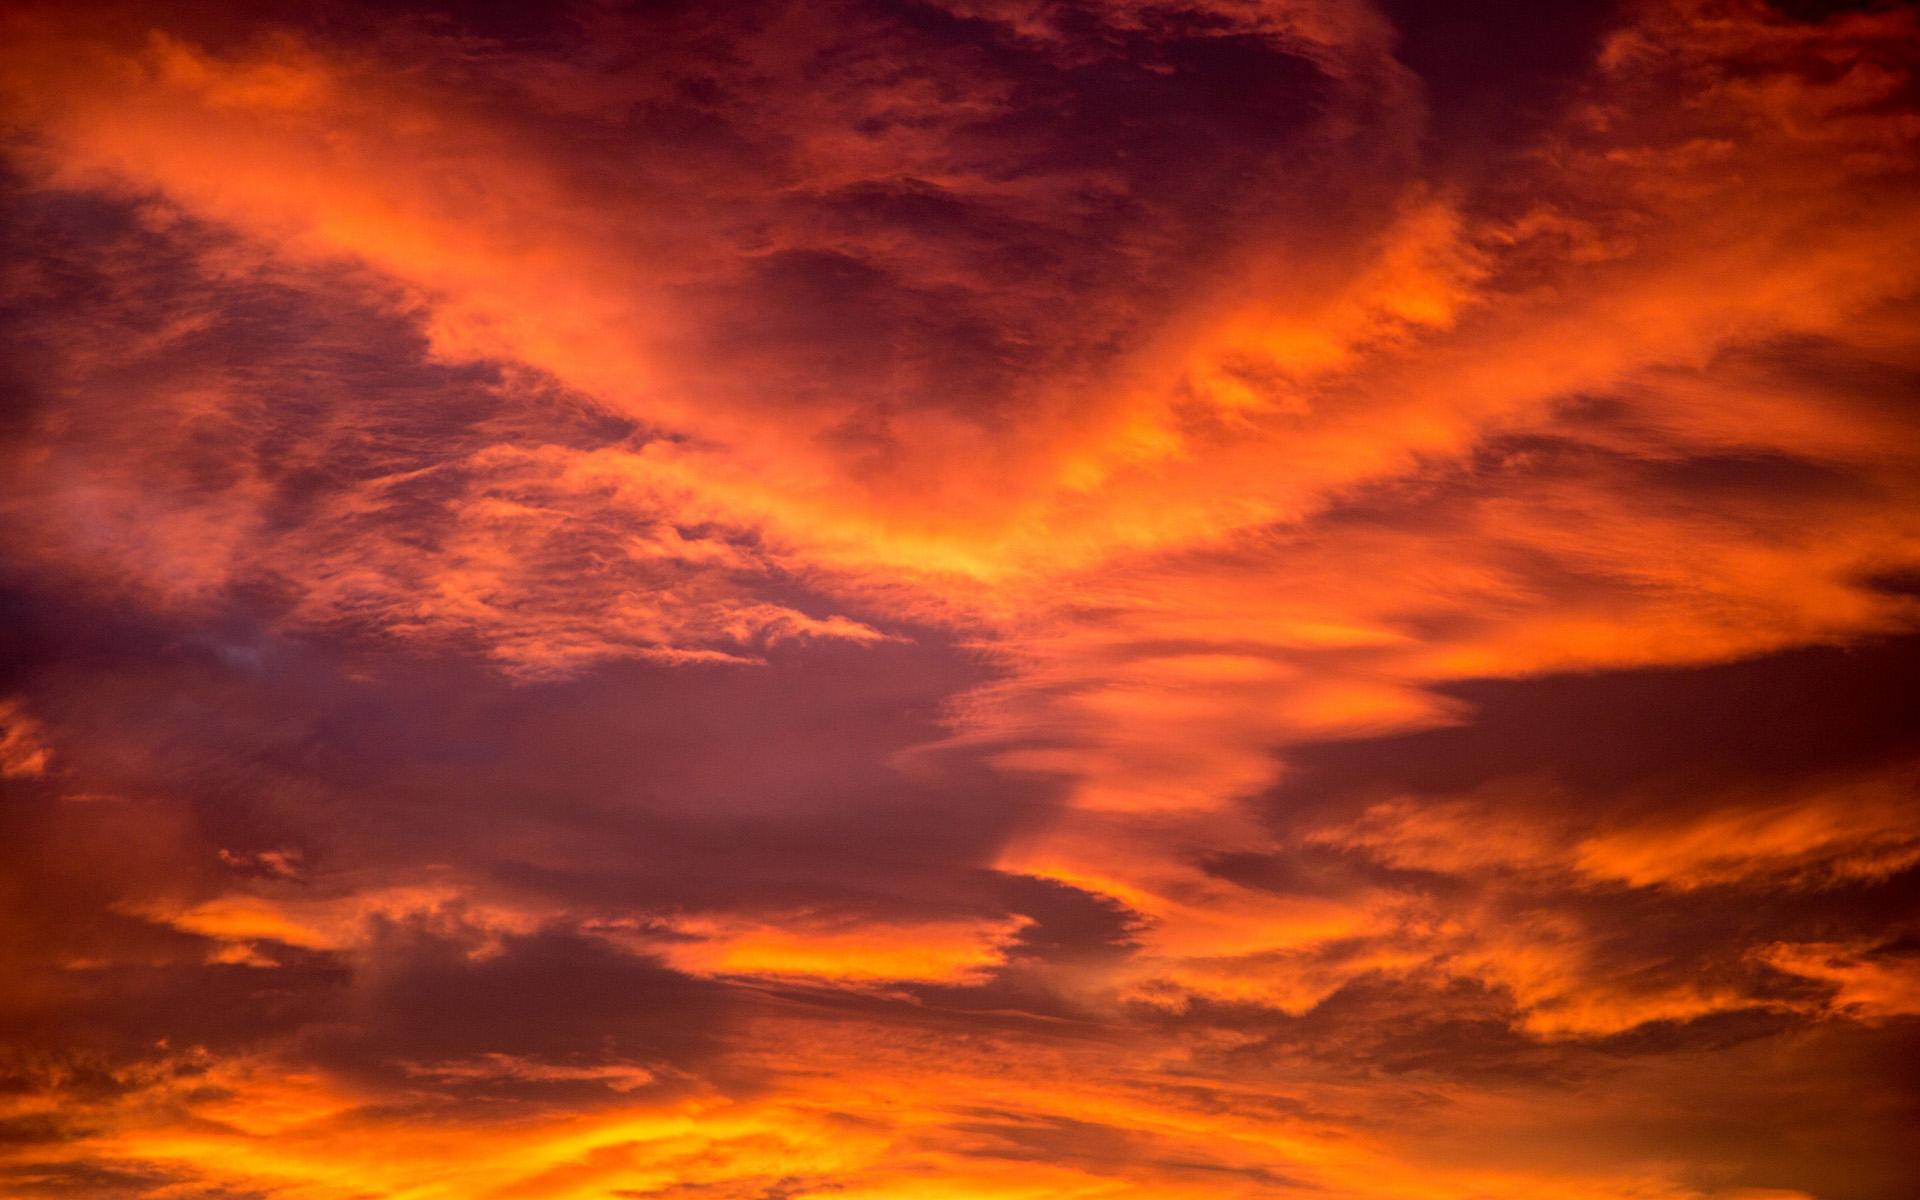 情感人生哲理原创经典句子: 天空寂寞了,纵容自己掉泪